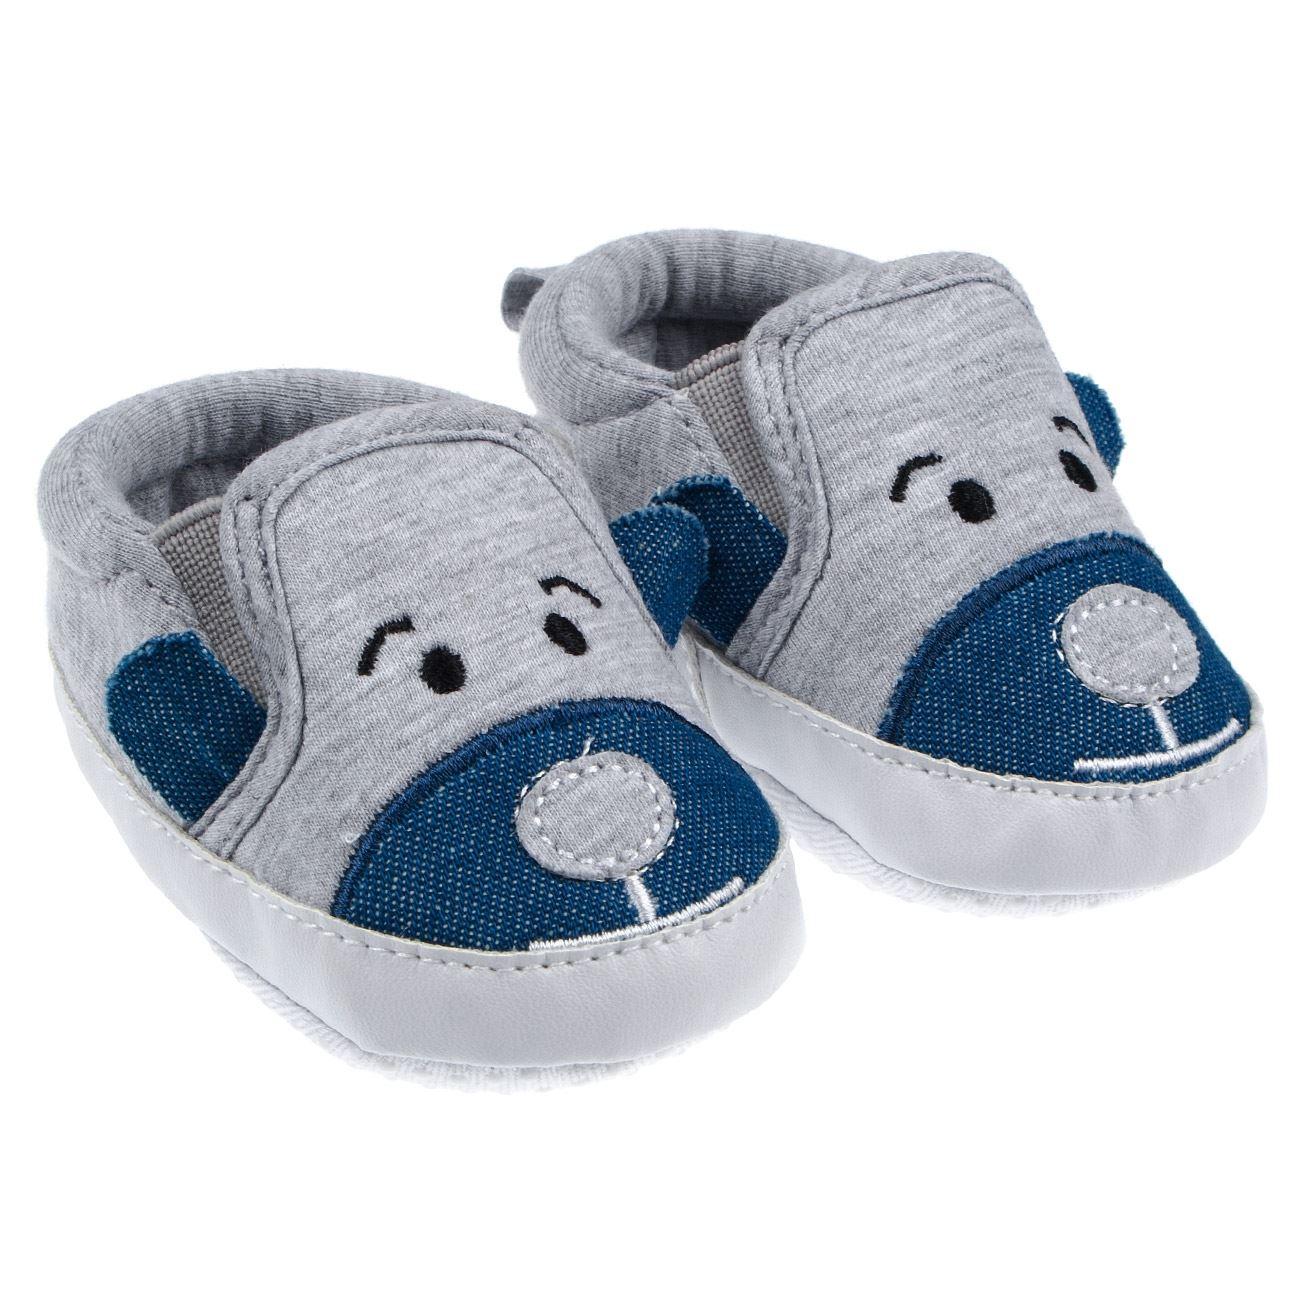 Βρεφικά Παπούτσια Με Ζωάκι   Παπούτσια Βόλτας 0-18 Μηνών Αγόρι  d9e990db286